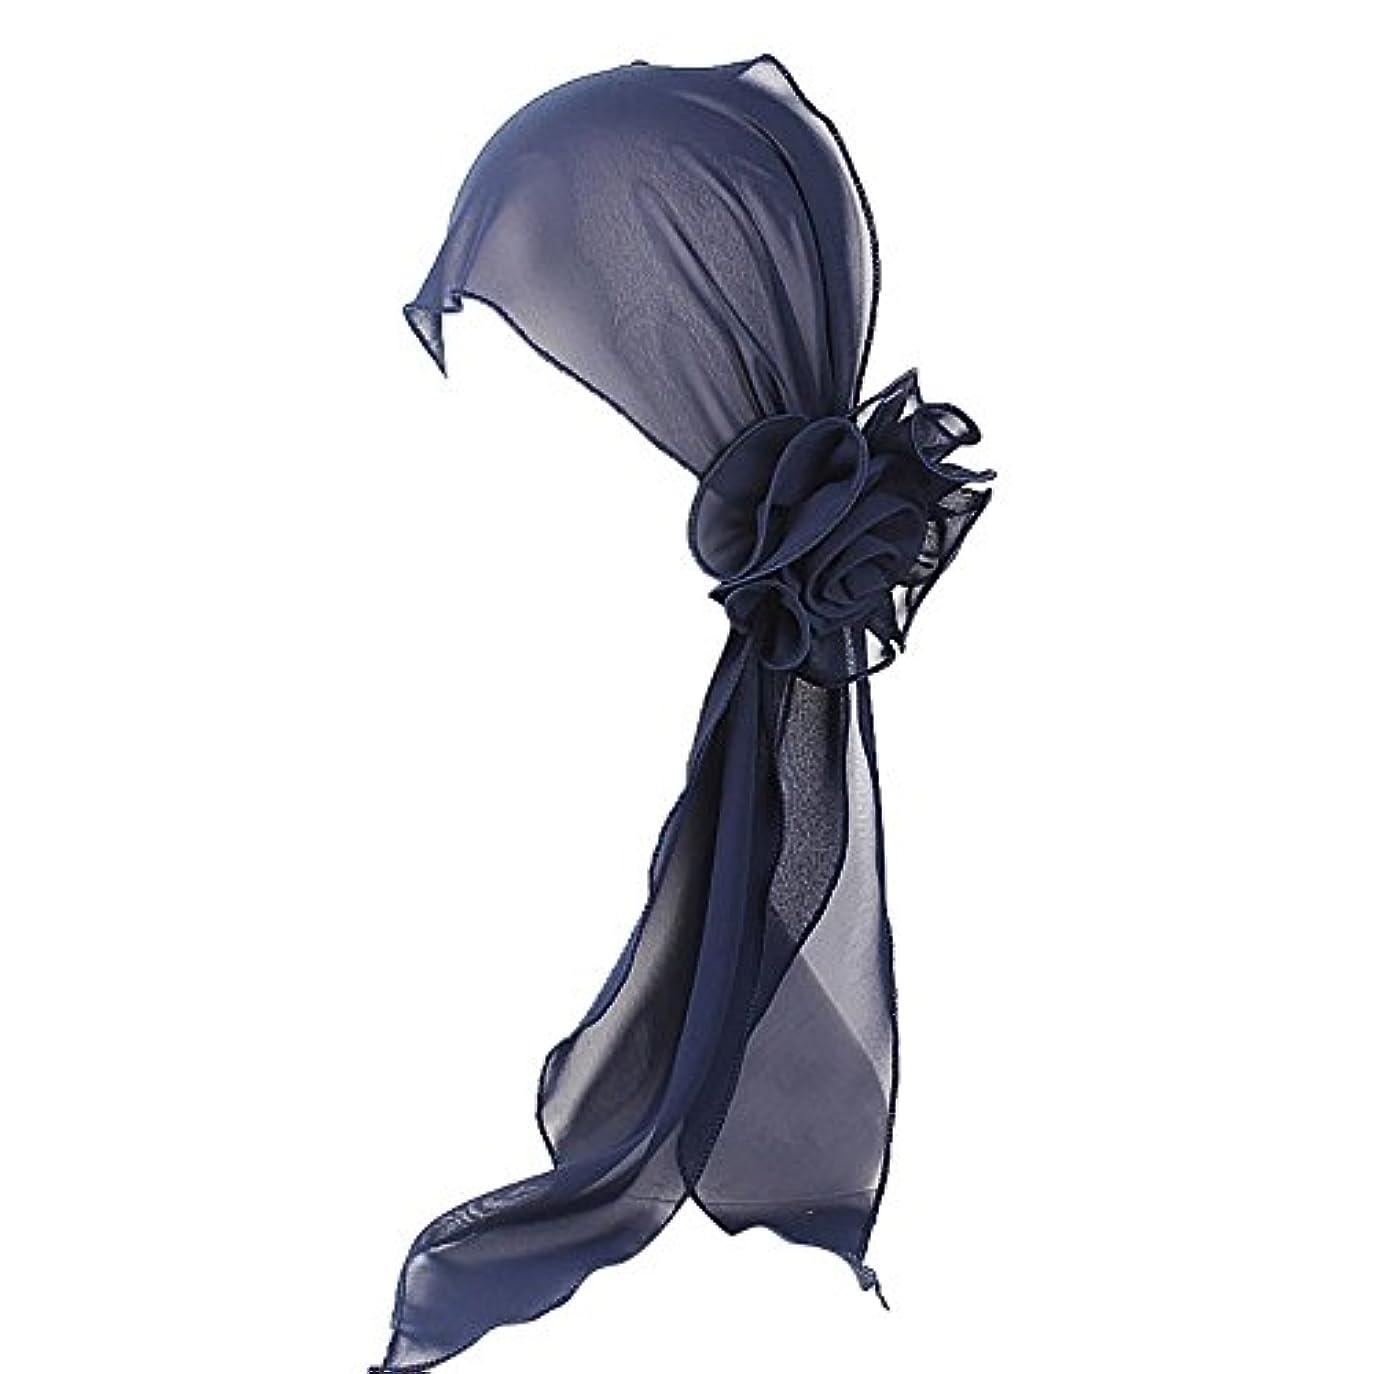 不快な気分バズヘッドスカーフ ハット 帽子 Timsa レディース スカーフキャップ 花の形 ヘッドスカーフ 睡眠 抗UV 脱毛症 化学療法の患者のために バイザー 夏用帽子 イスラム教徒 フヘッドバンド スカーフ ヒジャブ 山の日...